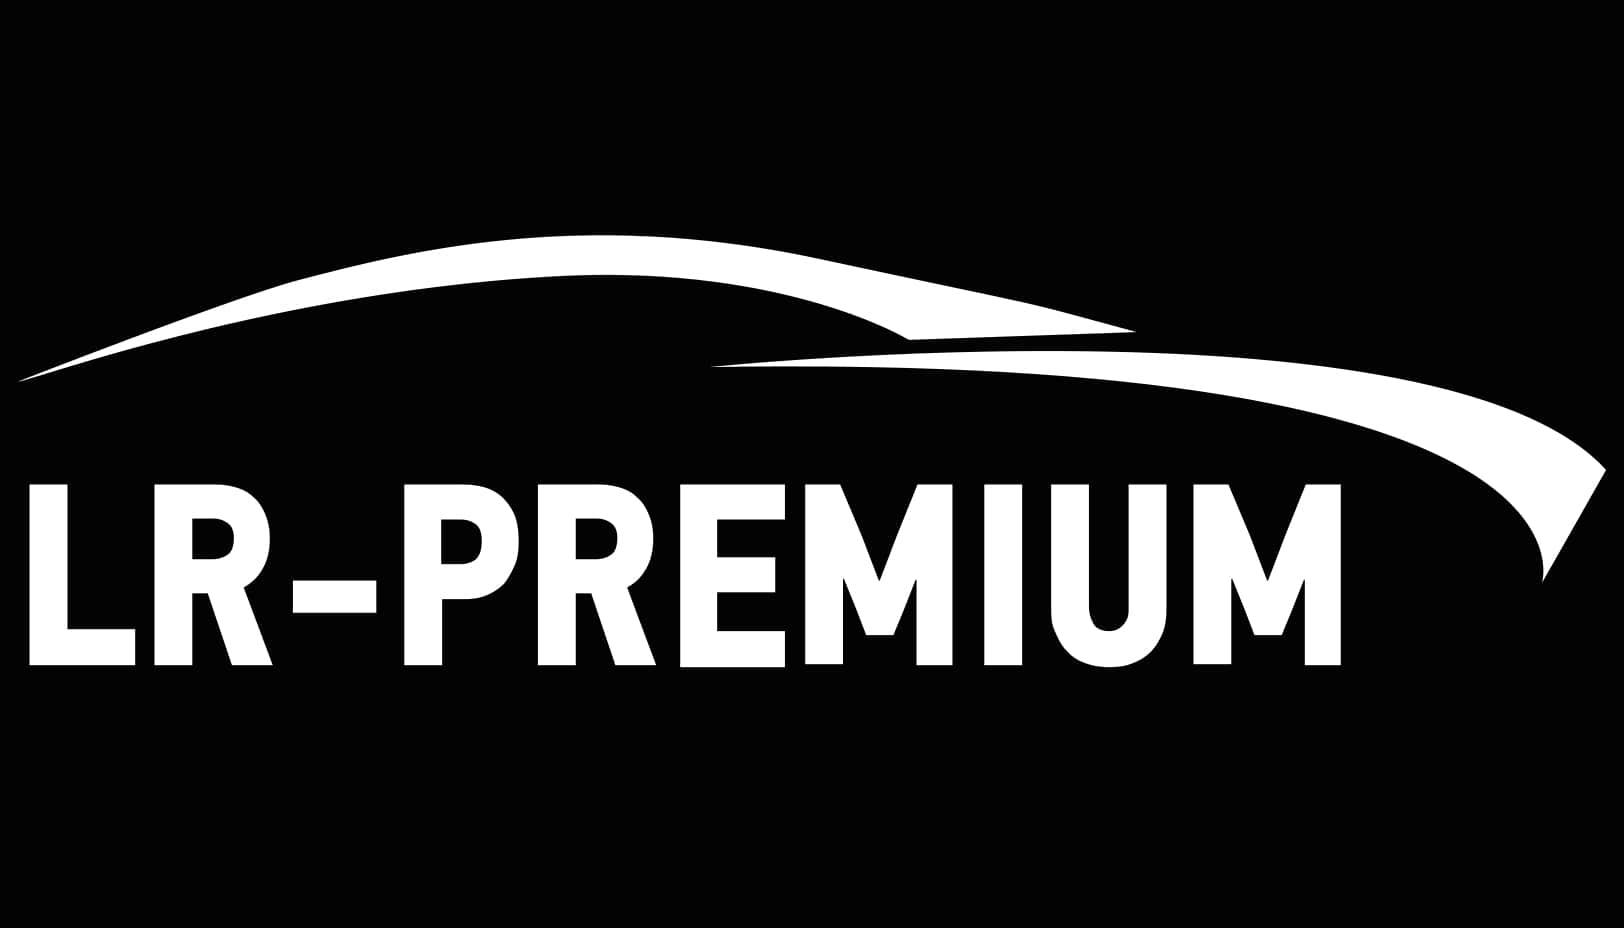 LR Premium